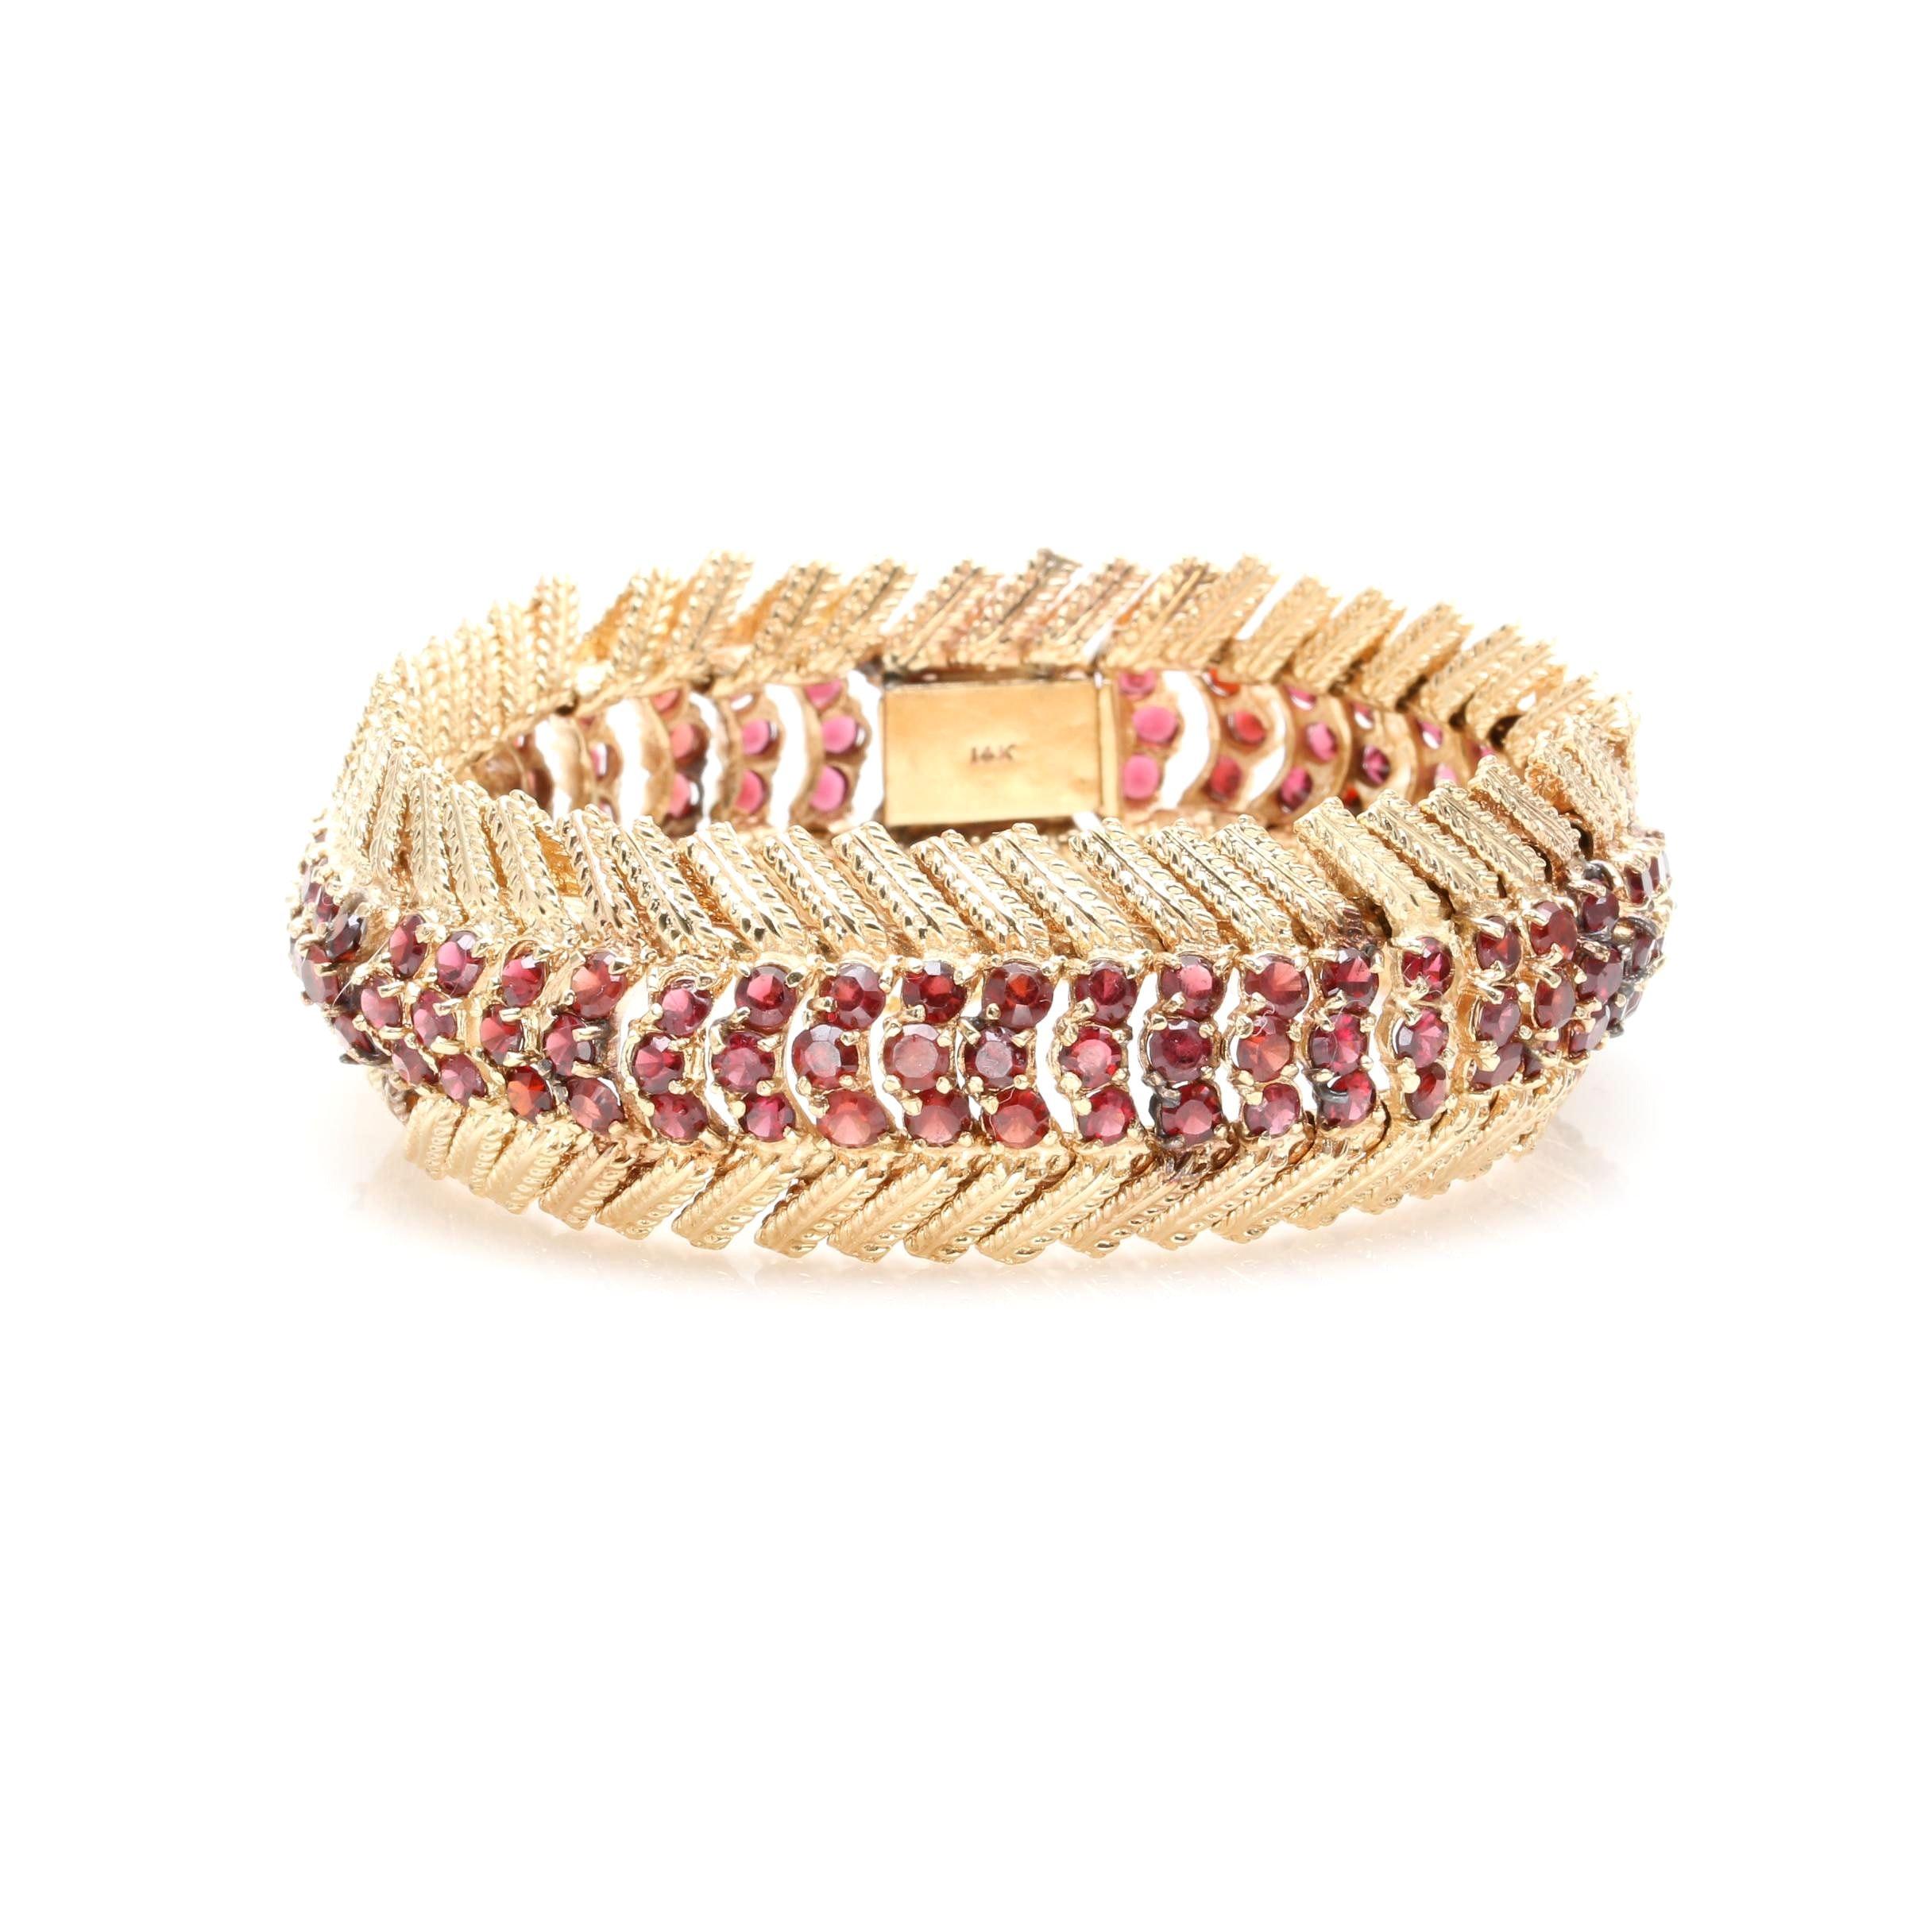 Vintage 14K Yellow Gold Garnet Articulated Bracelet